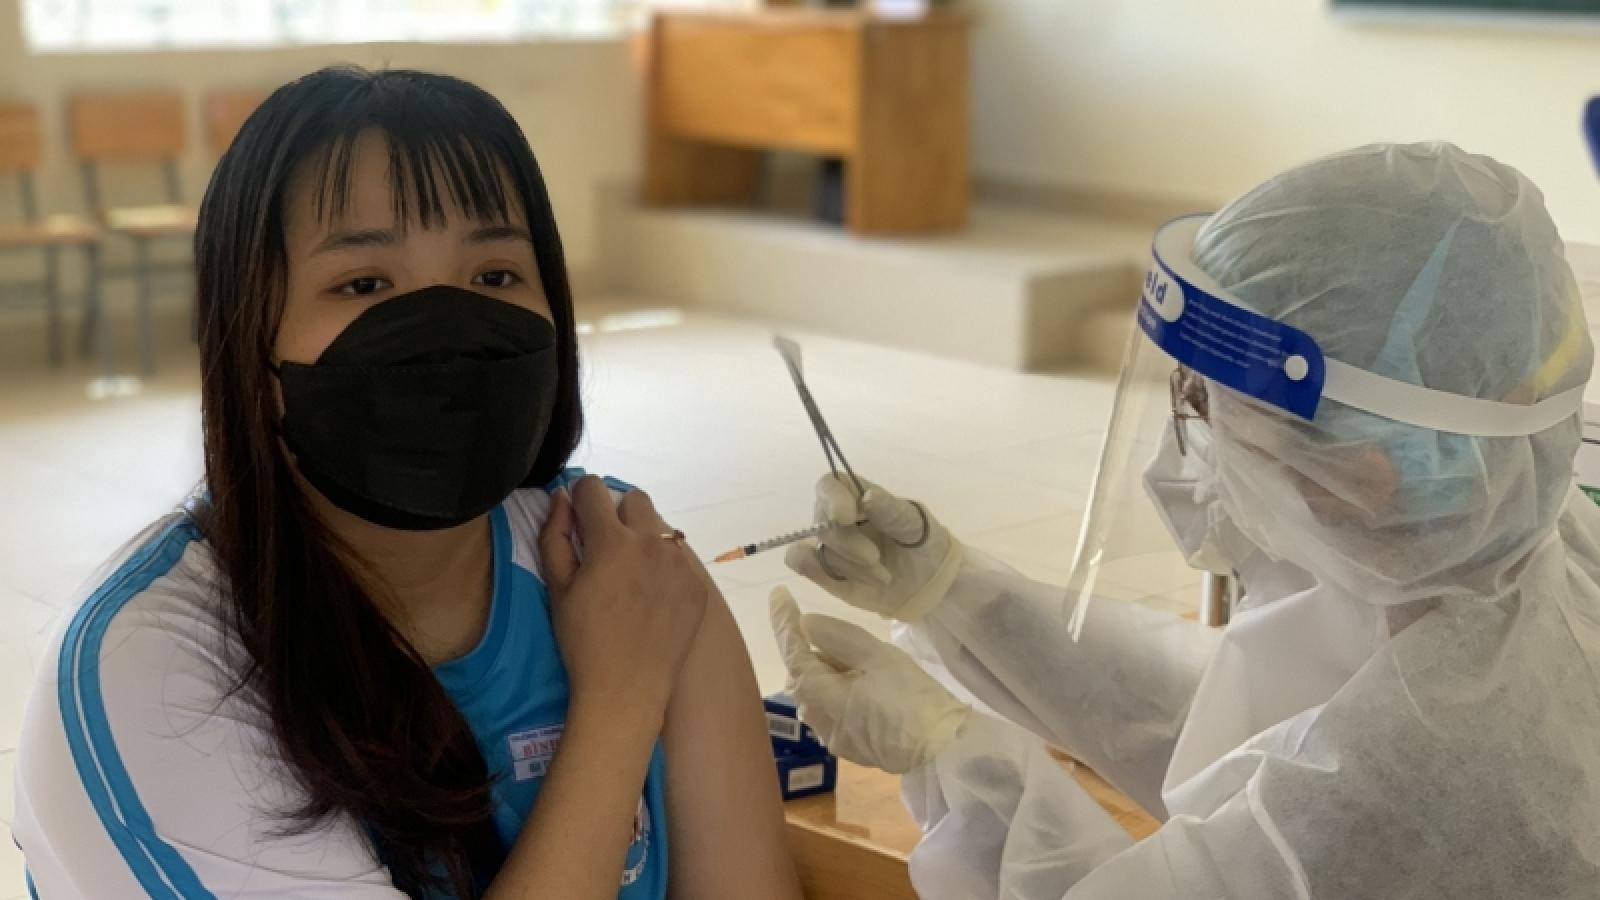 Vẫn tiêm cho học sinh dưới 18 tuổi học tại TP.HCM đã tiêm mũi 1 trước đó ở Bình Dương